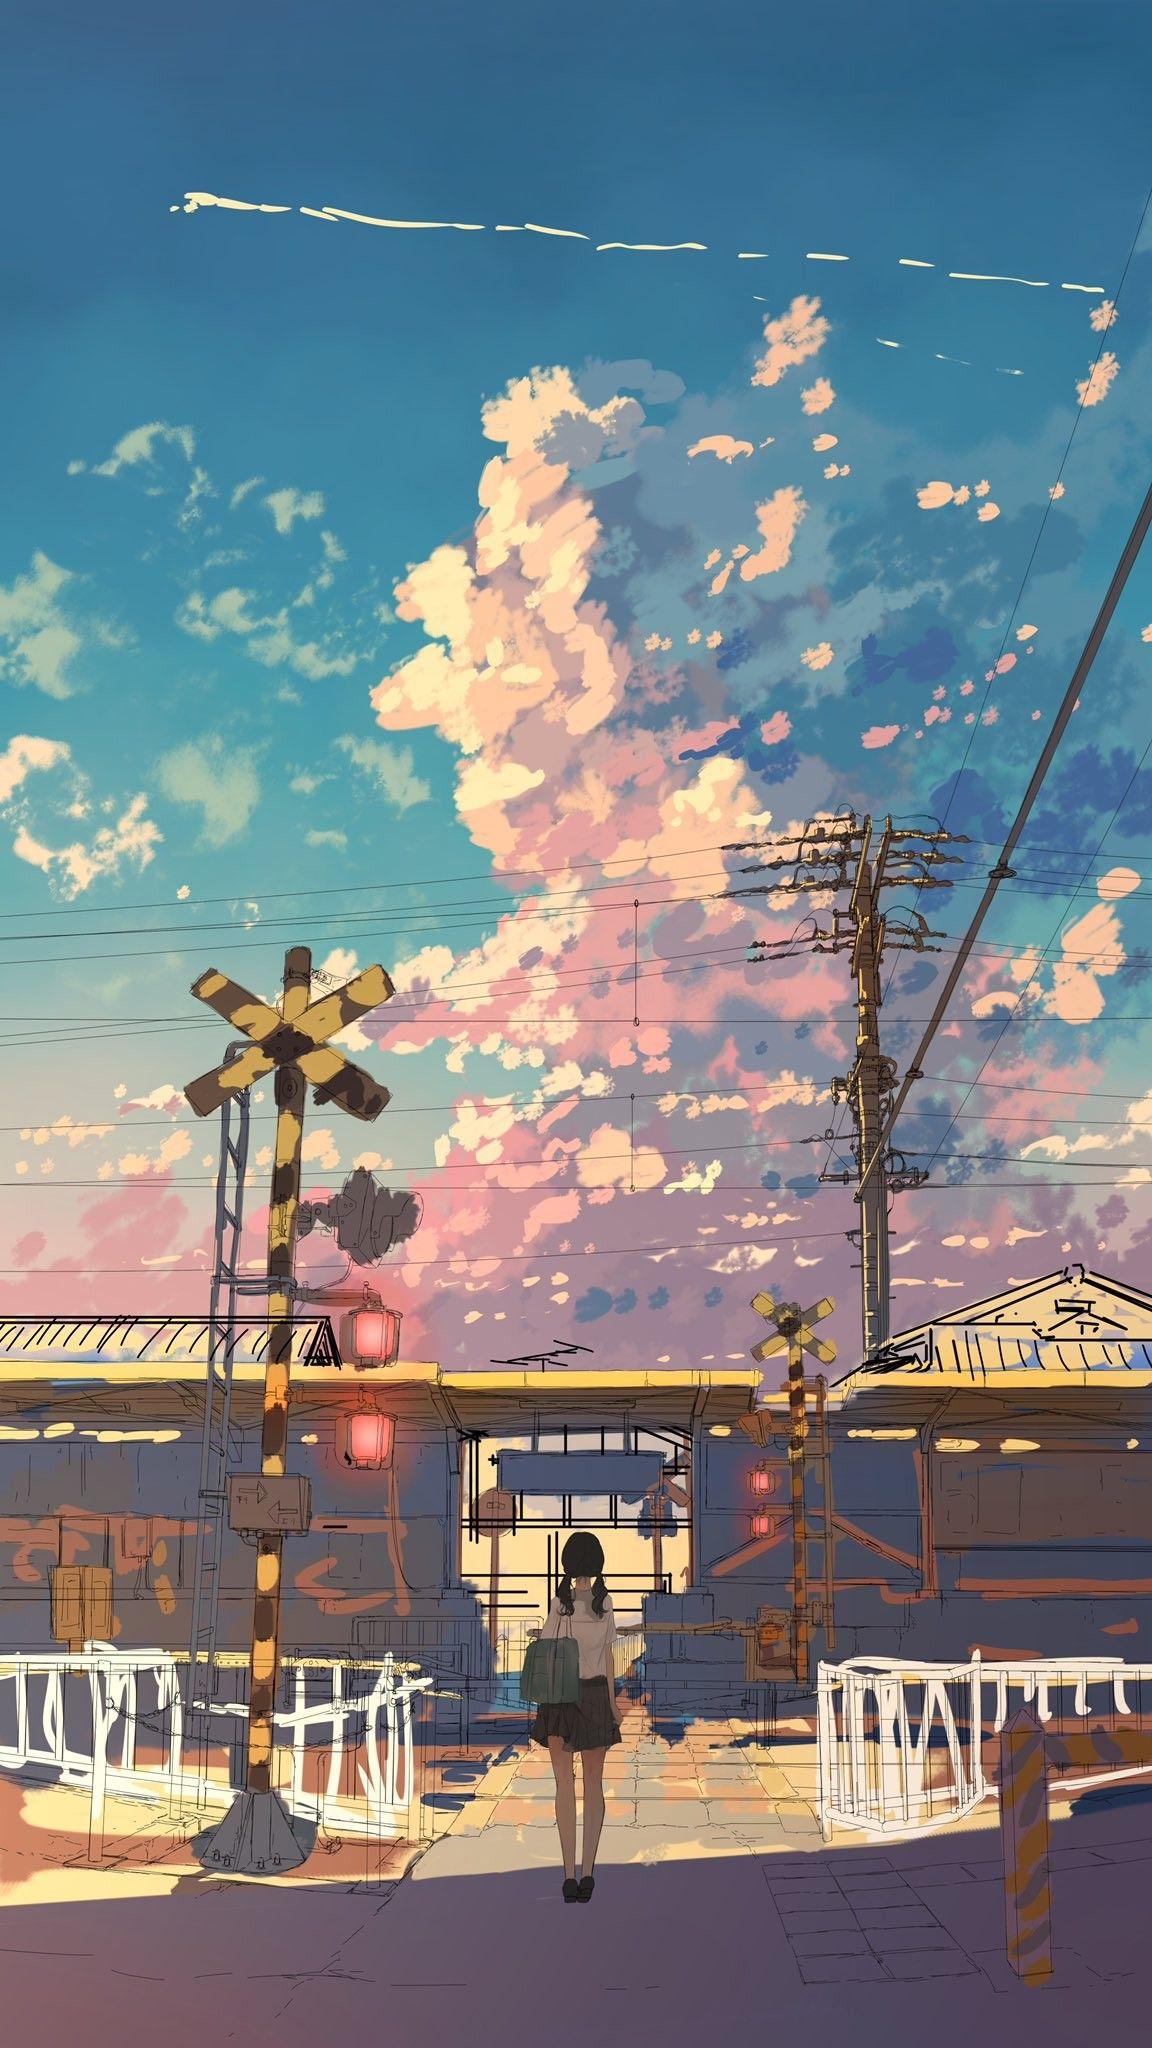 Paint おしゃれまとめの人気アイデア Pinterest Ae E C アニメの風景 夕焼け イラスト 夏 絵